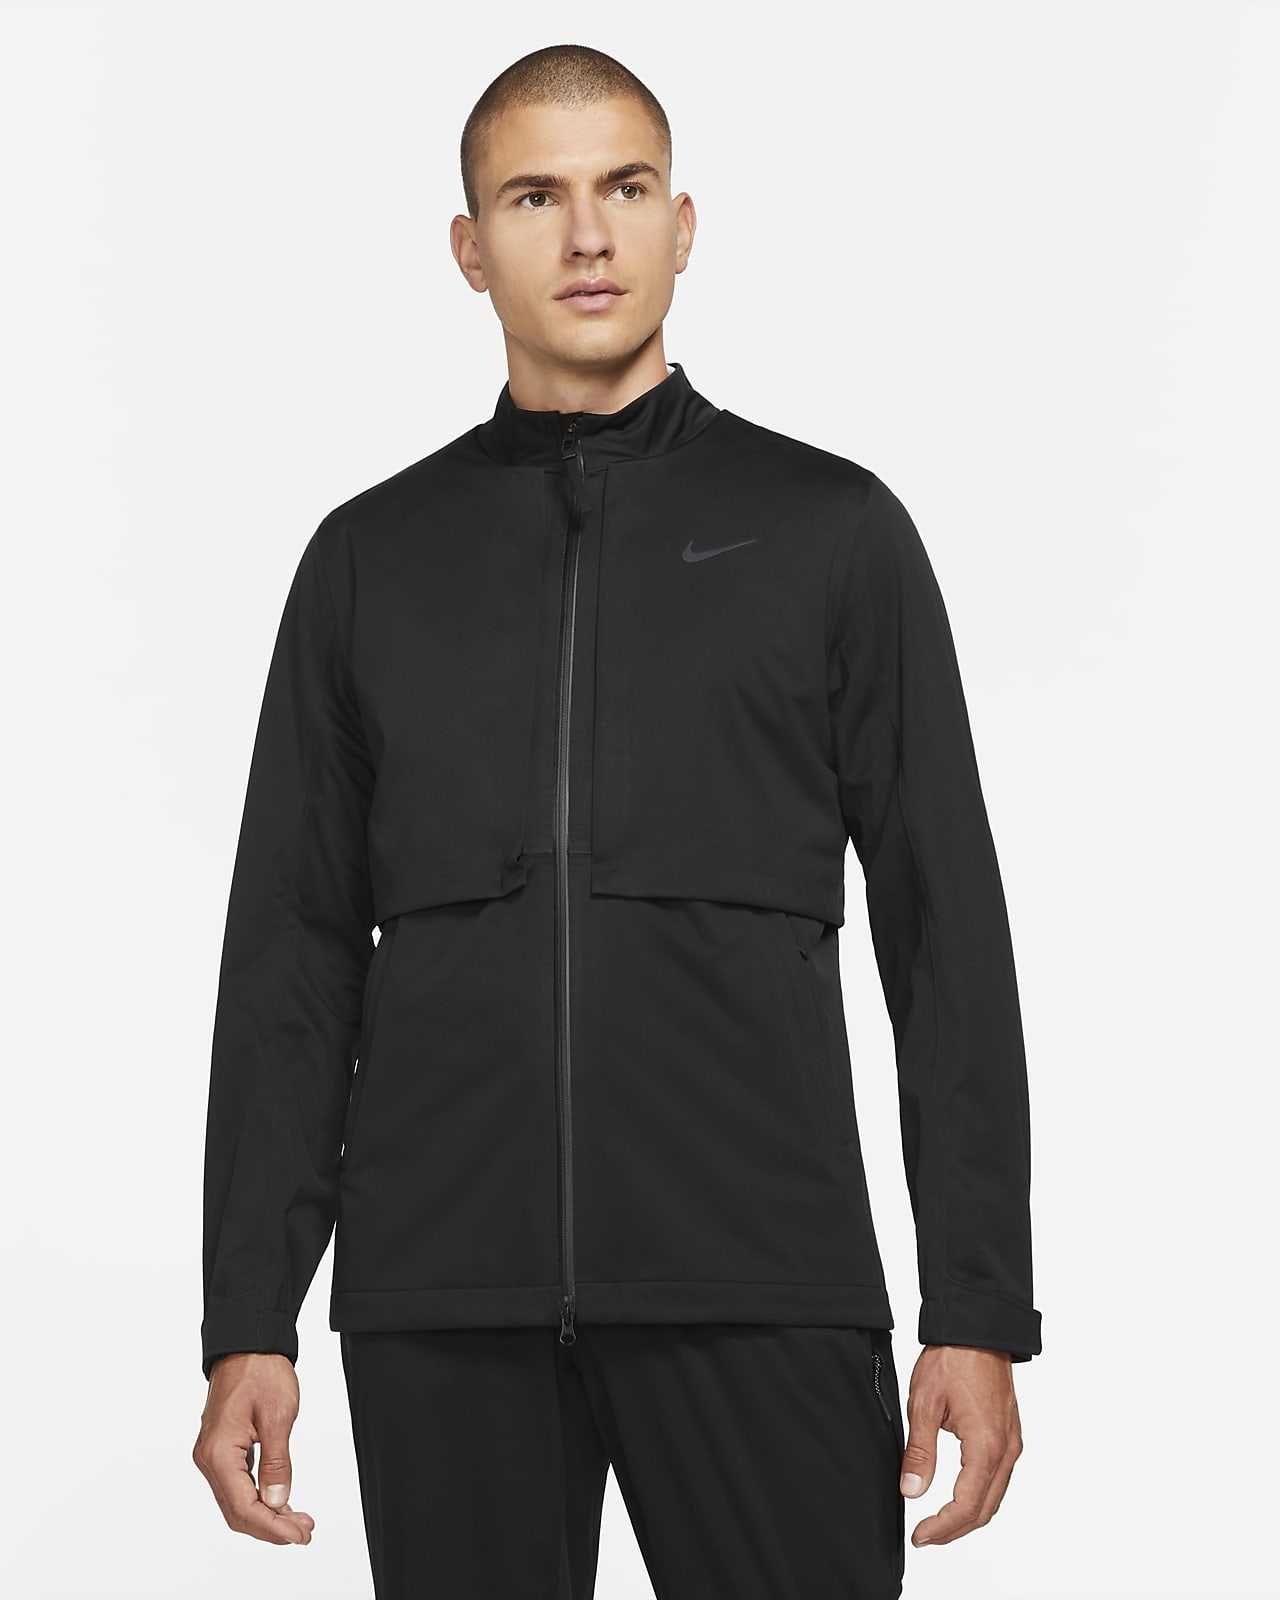 Chamarra de golf para hombre Nike Storm-FIT ADV Rapid Adapt